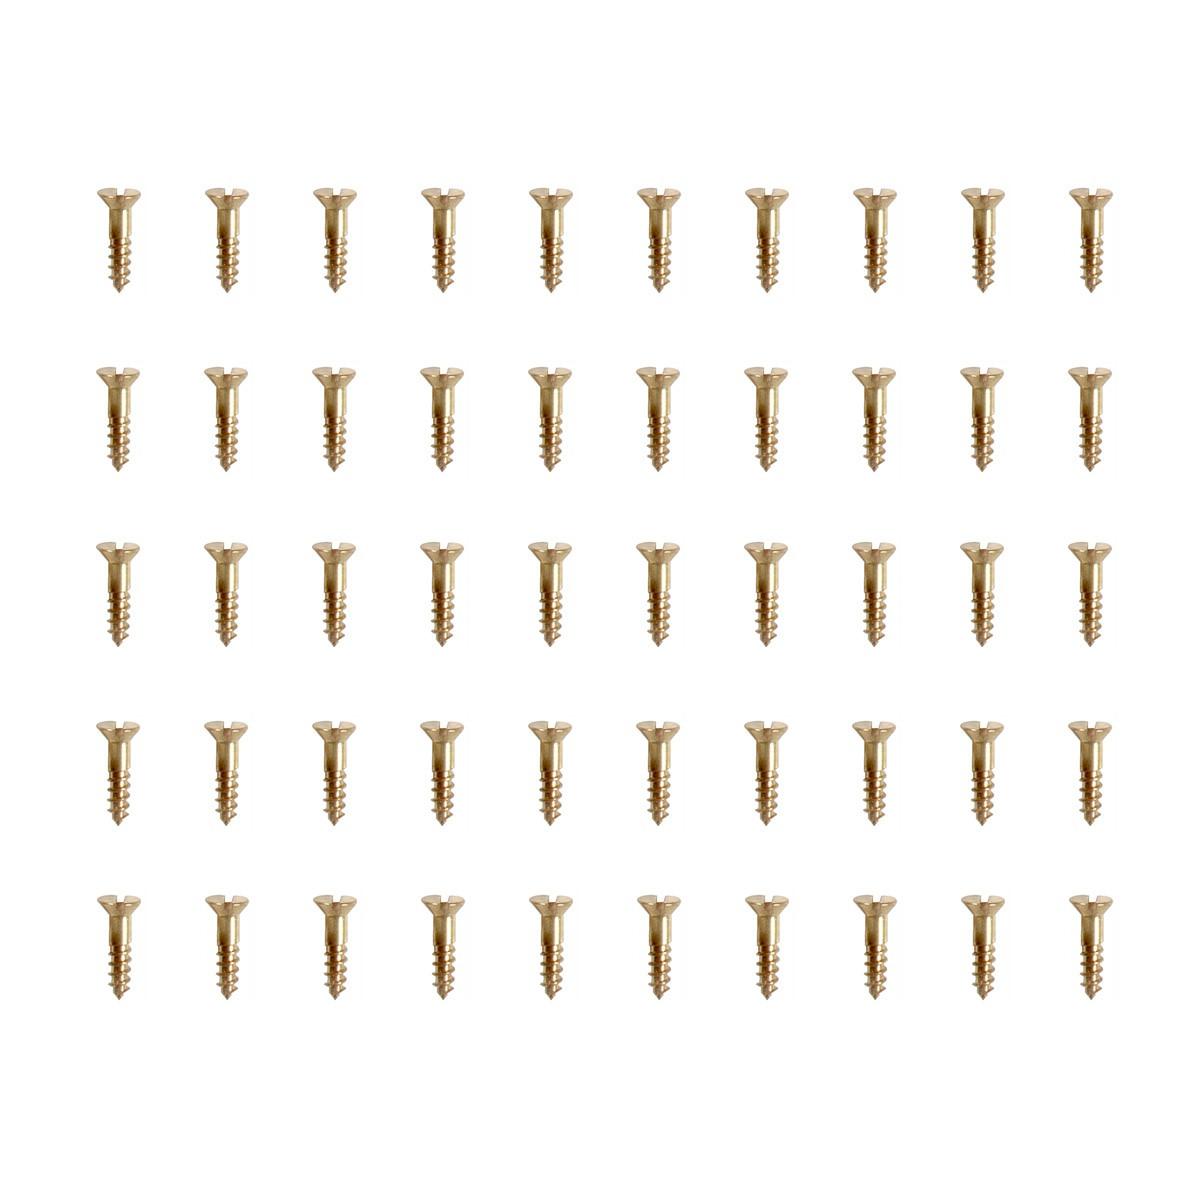 #4 Brass Flat Head Wood Screws 12 Pack of 50 Screws Bag Of Screws Brass Screws